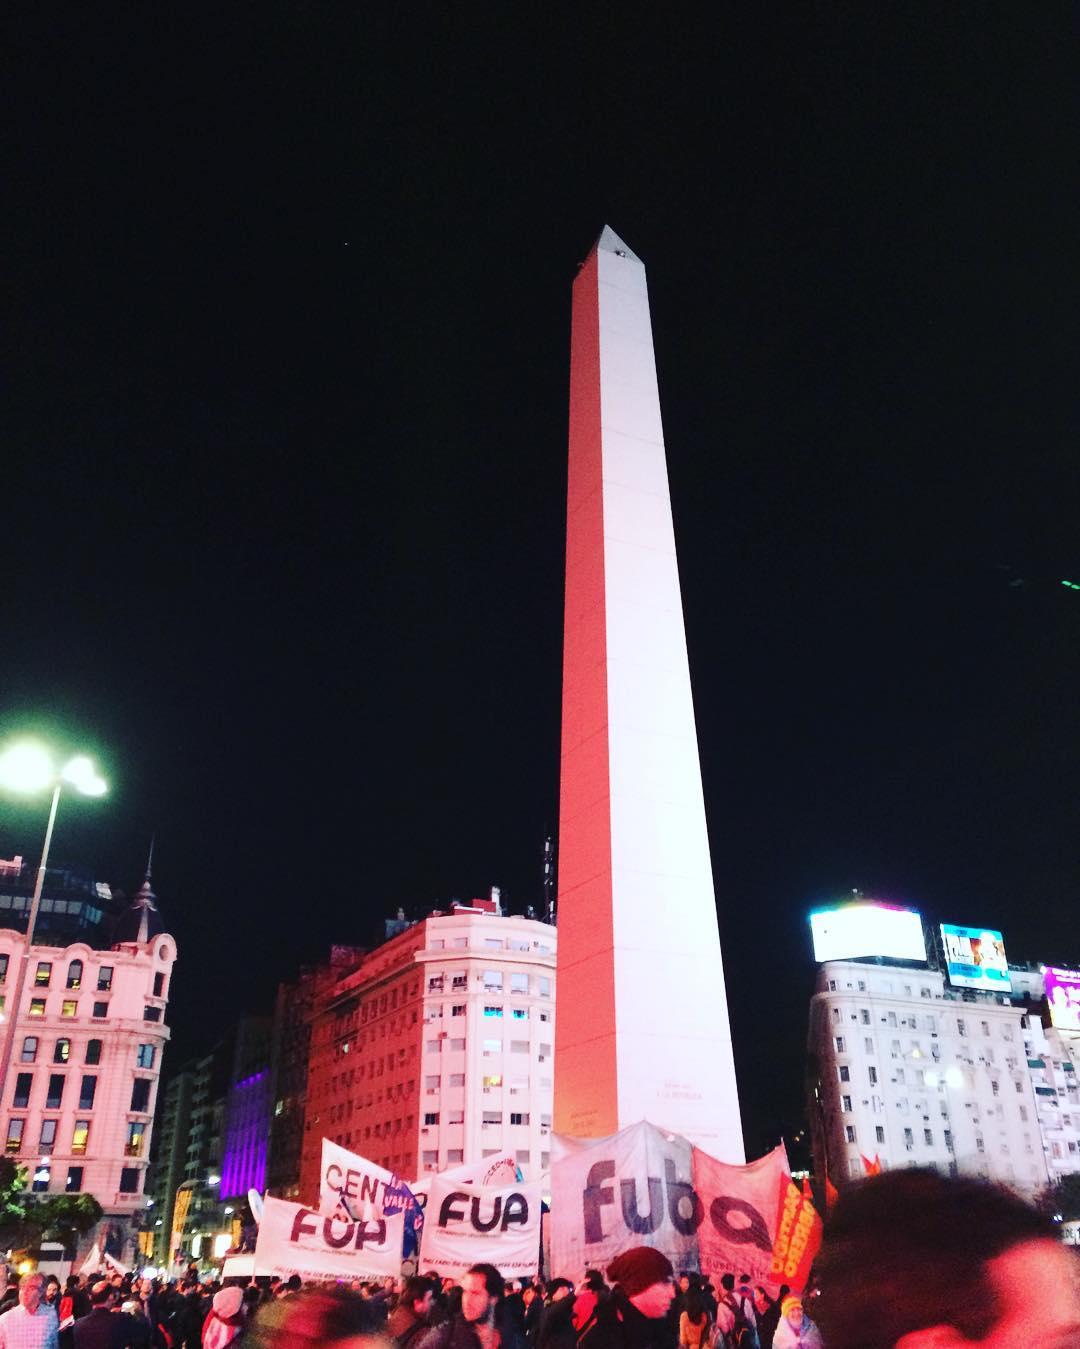 #ubadepie #educaciónpública #buenosaires #argentina